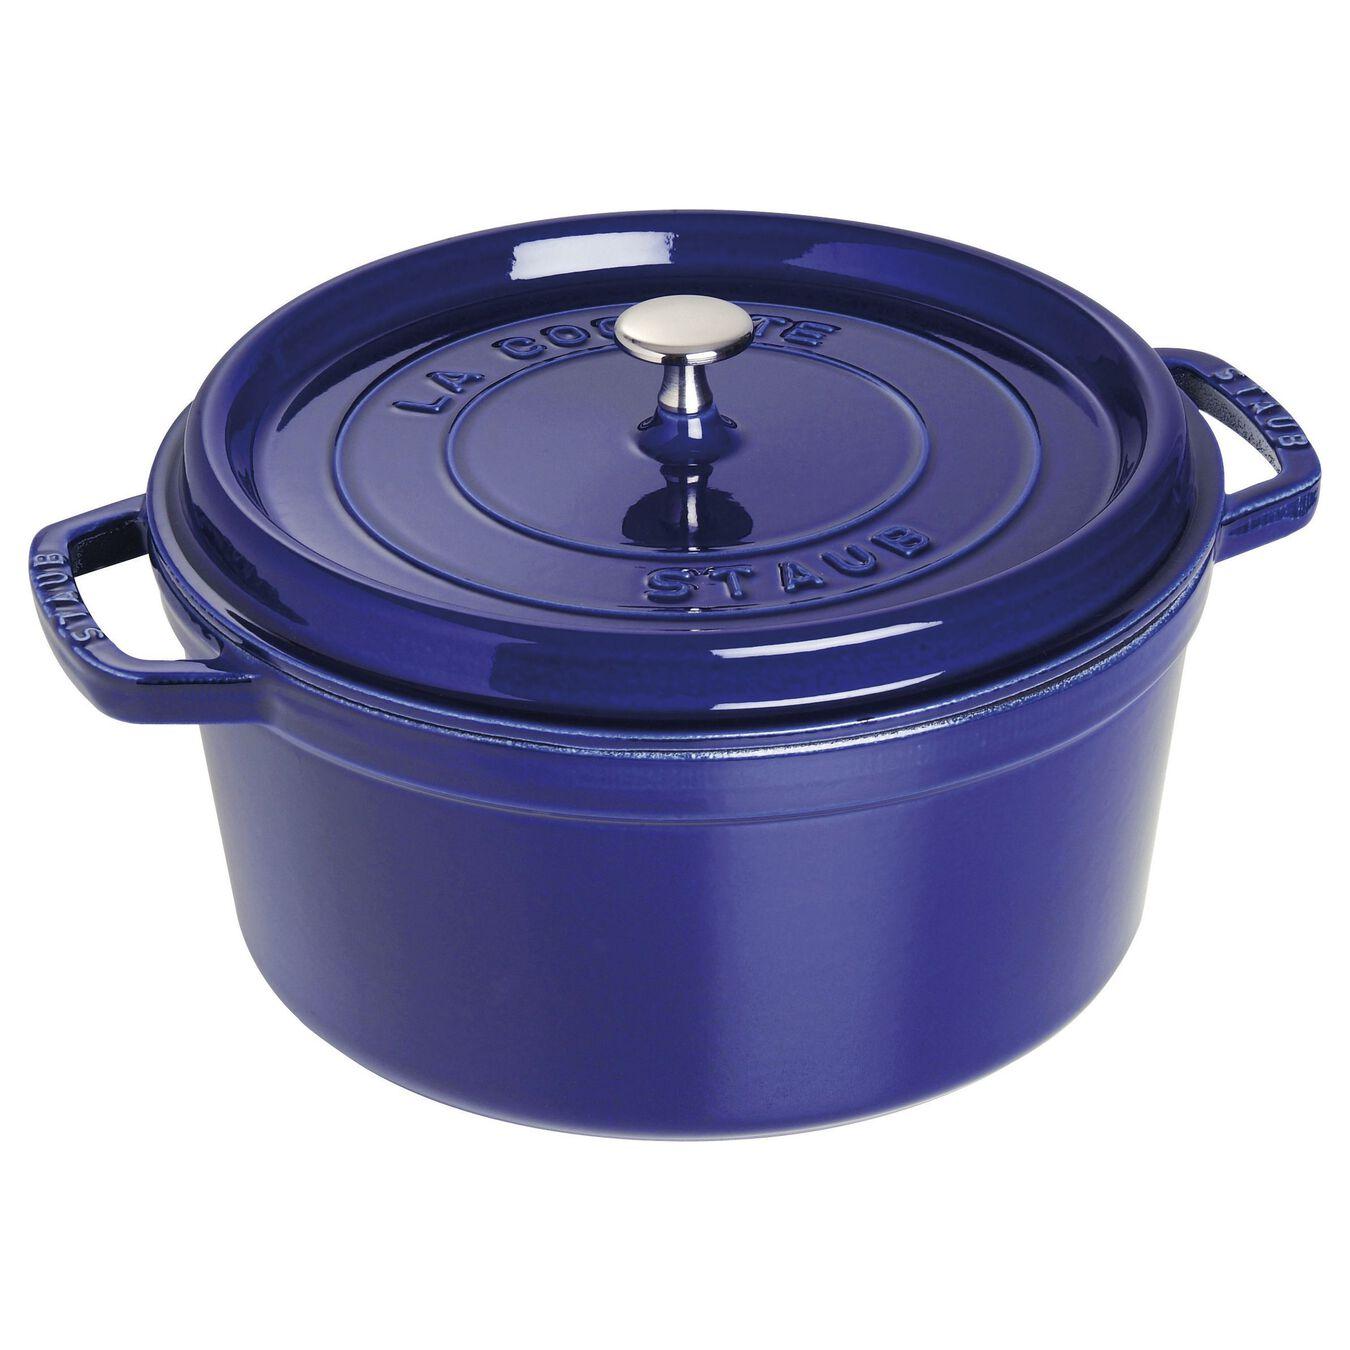 Cocotte rotonda - 28 cm, blu scuro,,large 1